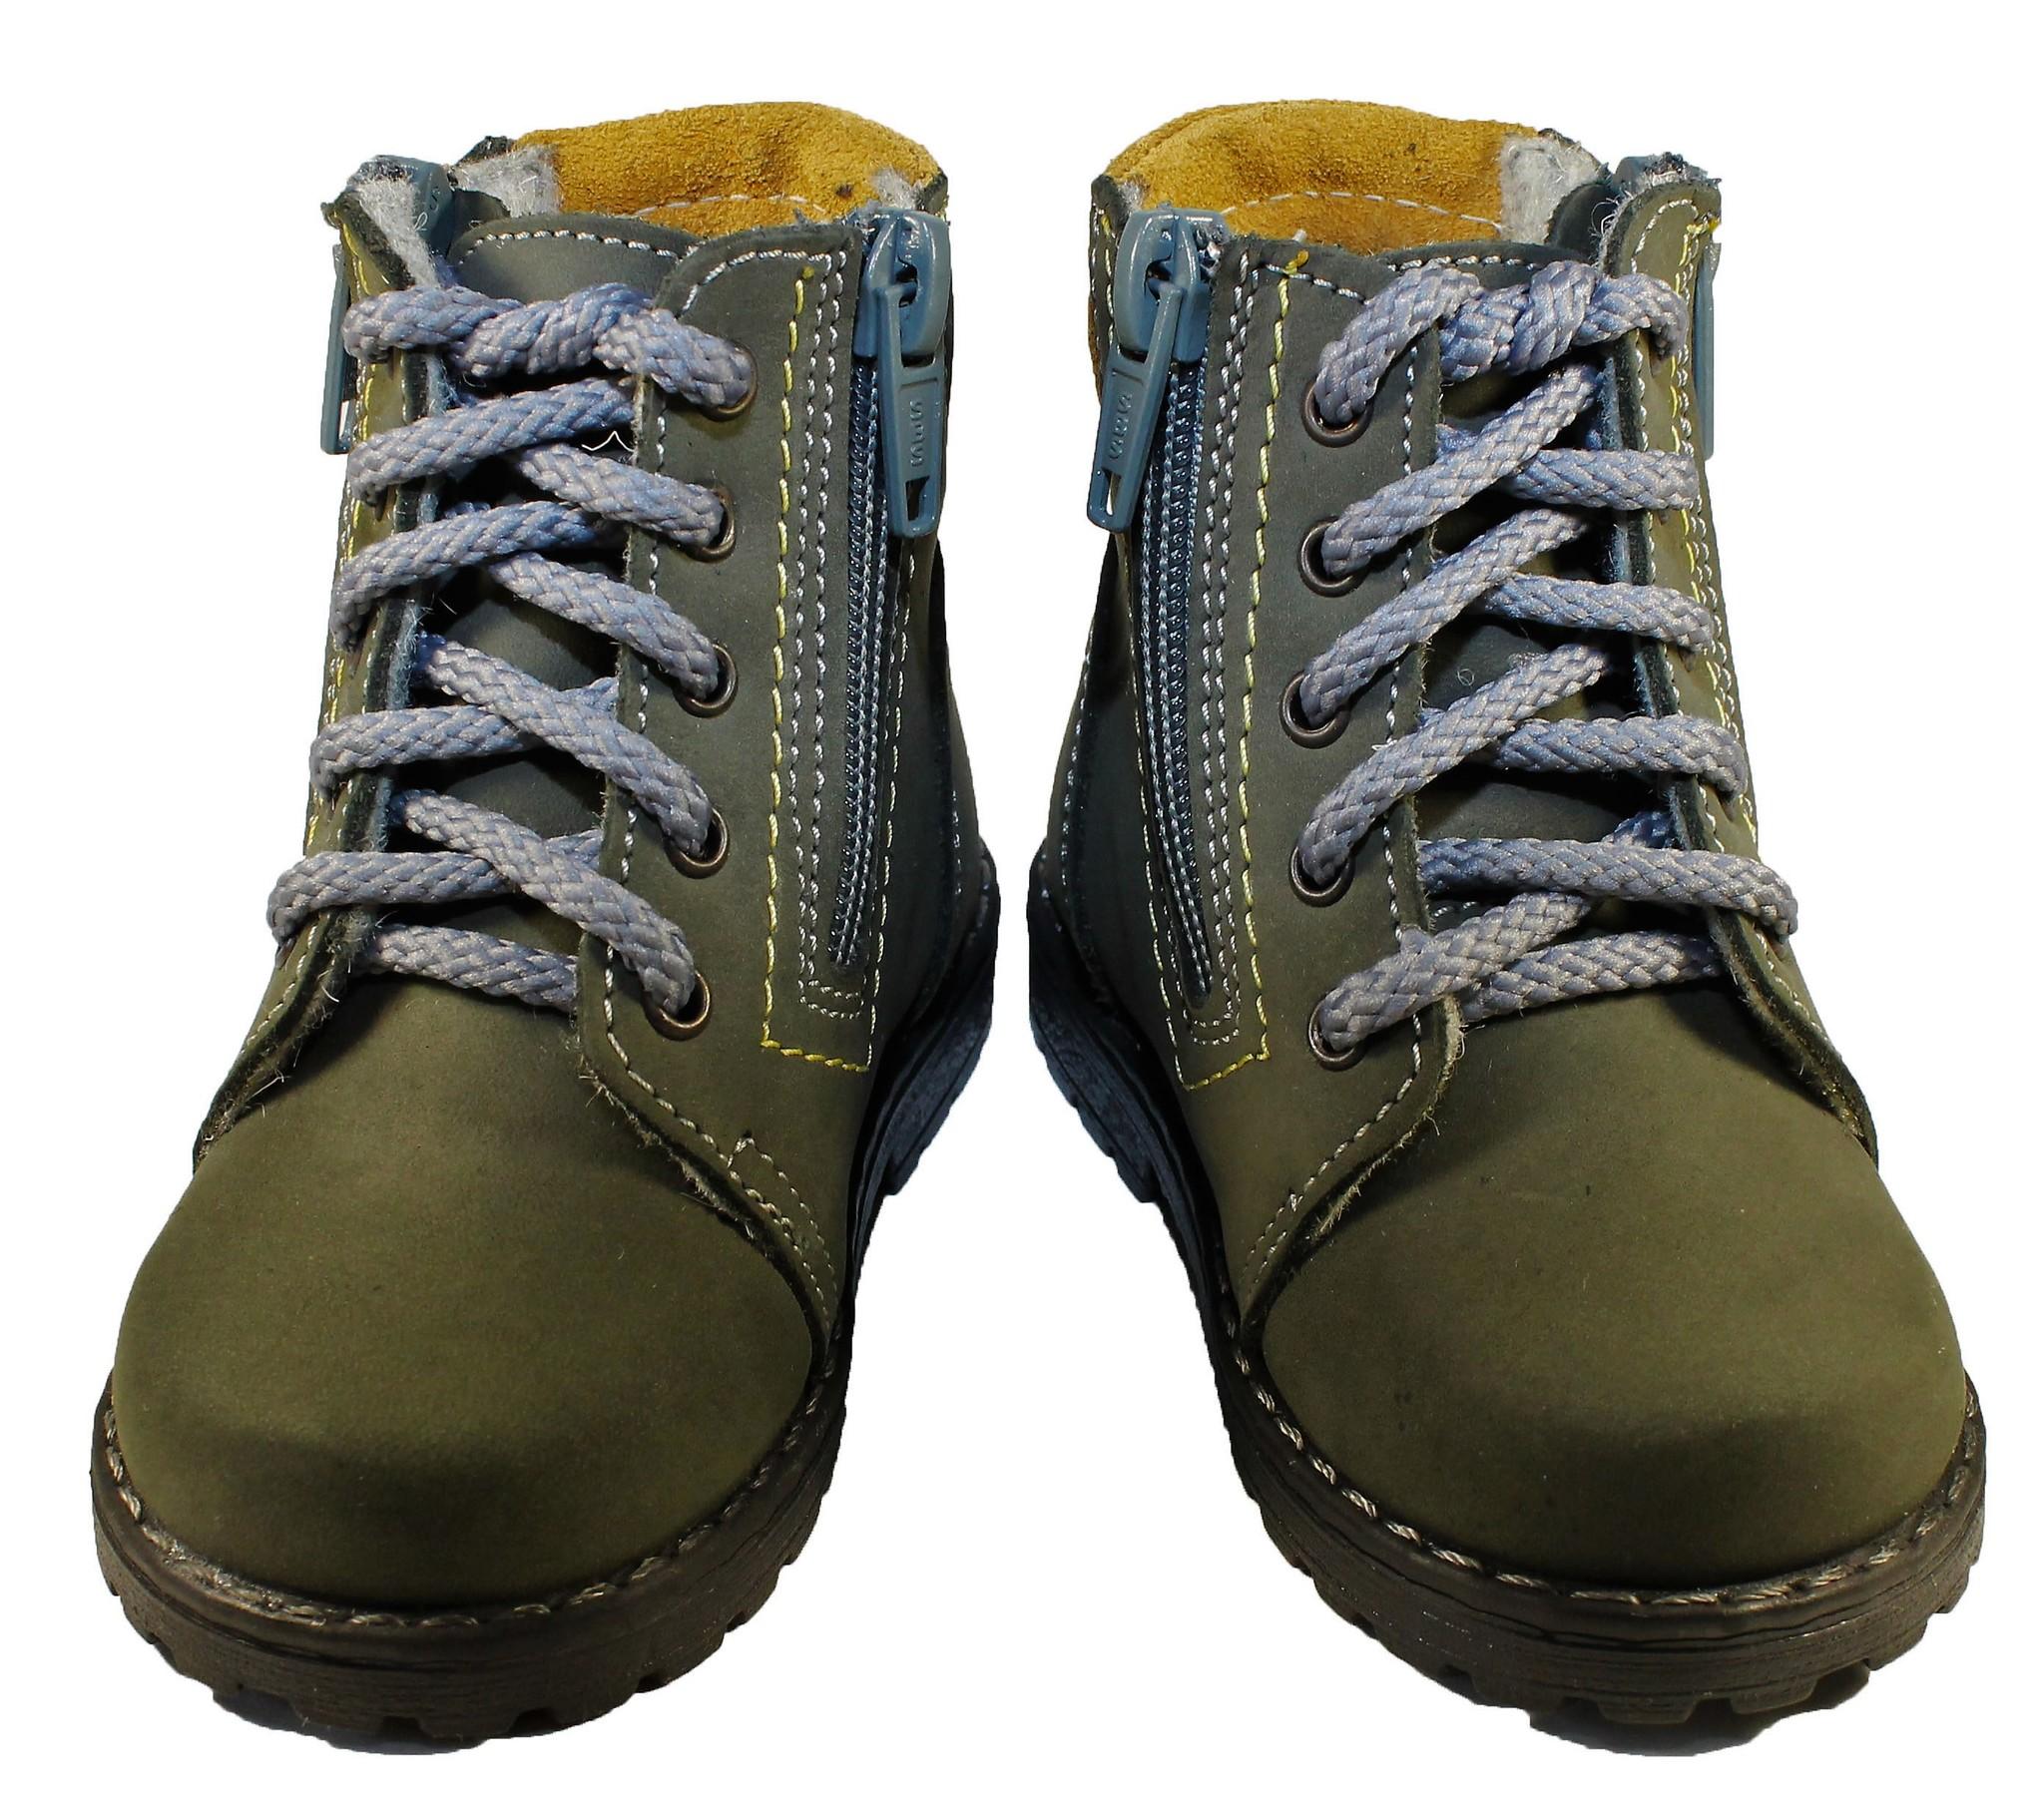 Демисезонные ботинки для мальчиков Котофей 152113-35 из натуральной кожи на молнии цвет серо-зеленый